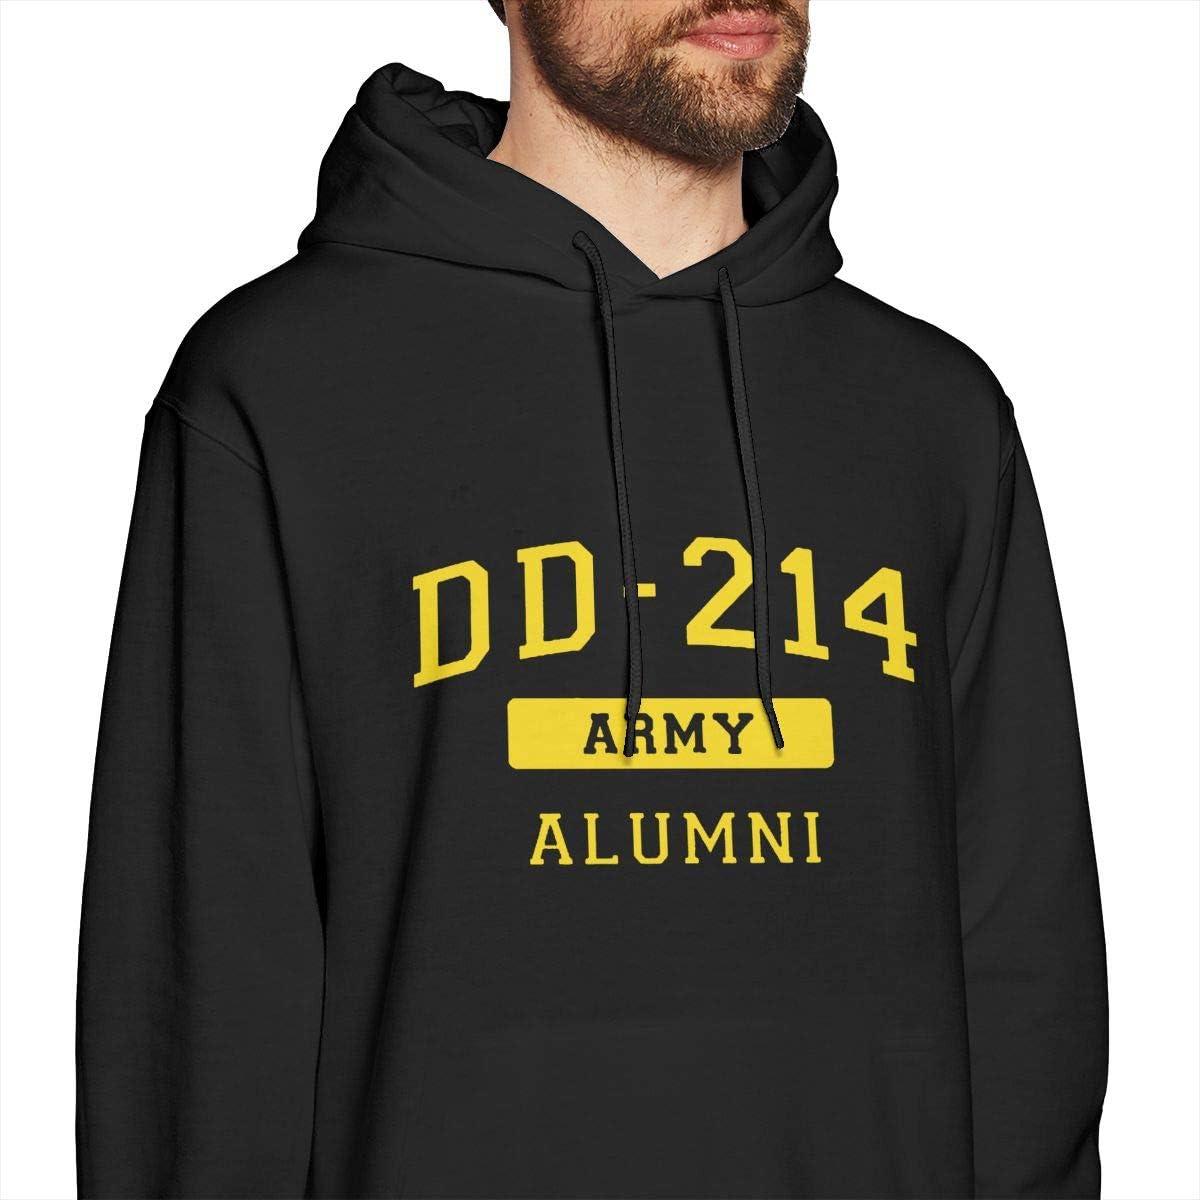 Proud DD214 Alumni Mens Sweatshirts Pullover Crew Neck Sweatshirt